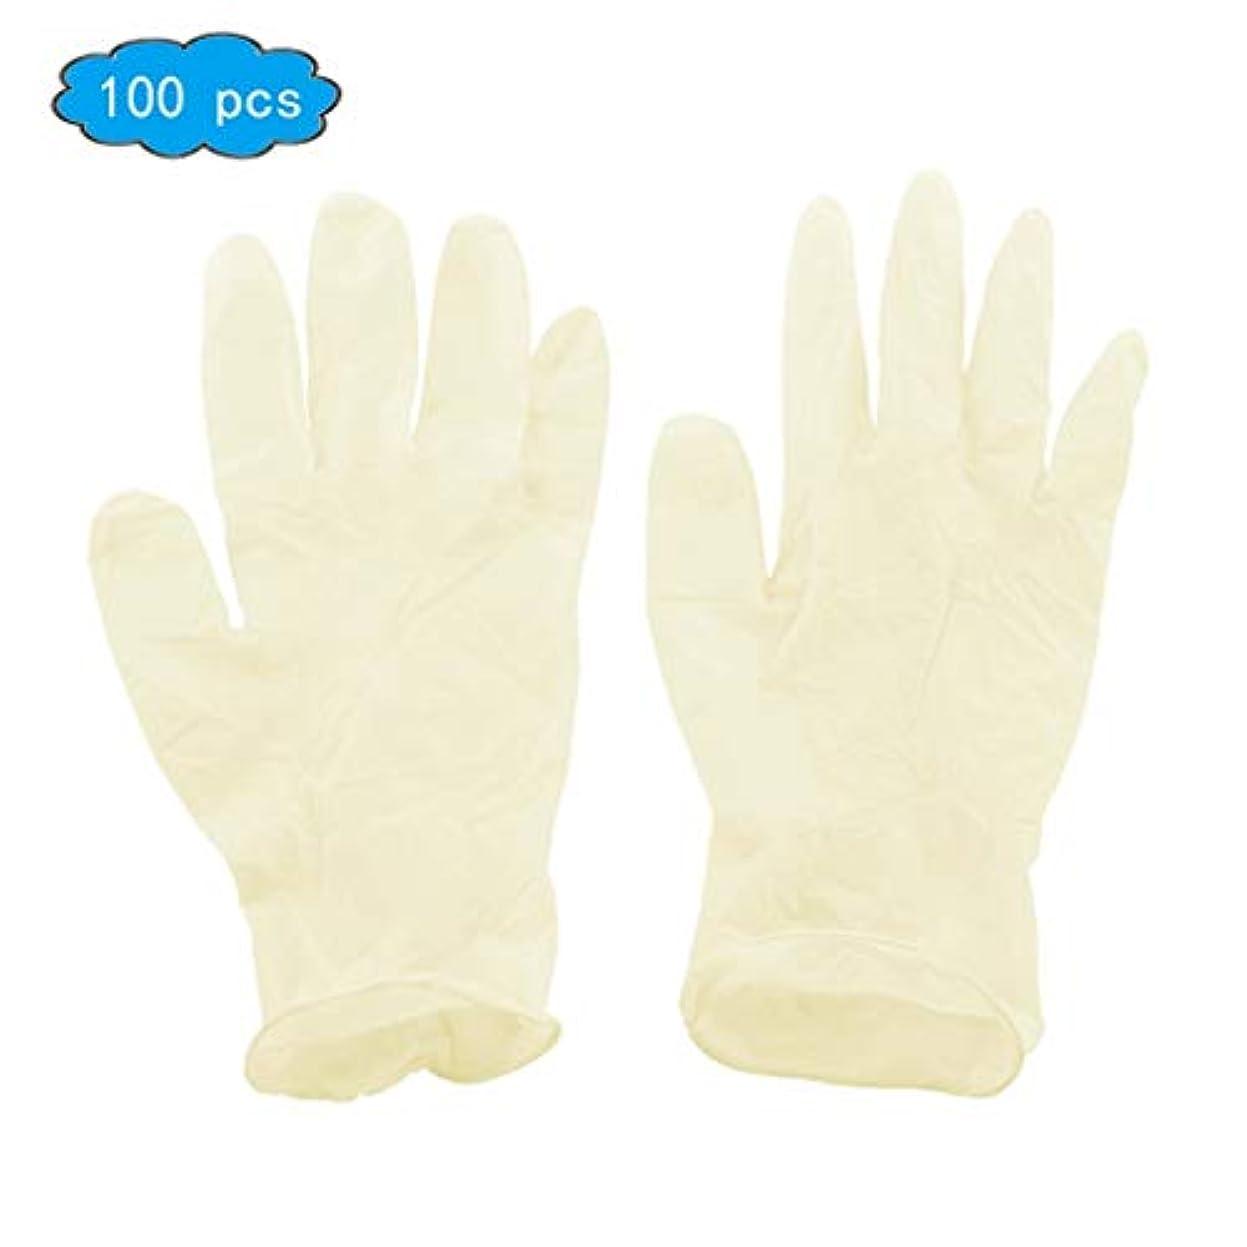 浸した囲い聖域使い捨て手袋 - 医療用、パウダーフリー、ラテックスゴム、使い捨て、非滅菌、食品安全、テクスチャード加工、(便利なディスペンサーパック100)、中サイズ、応急処置用品 (Color : Beige, Size : M)